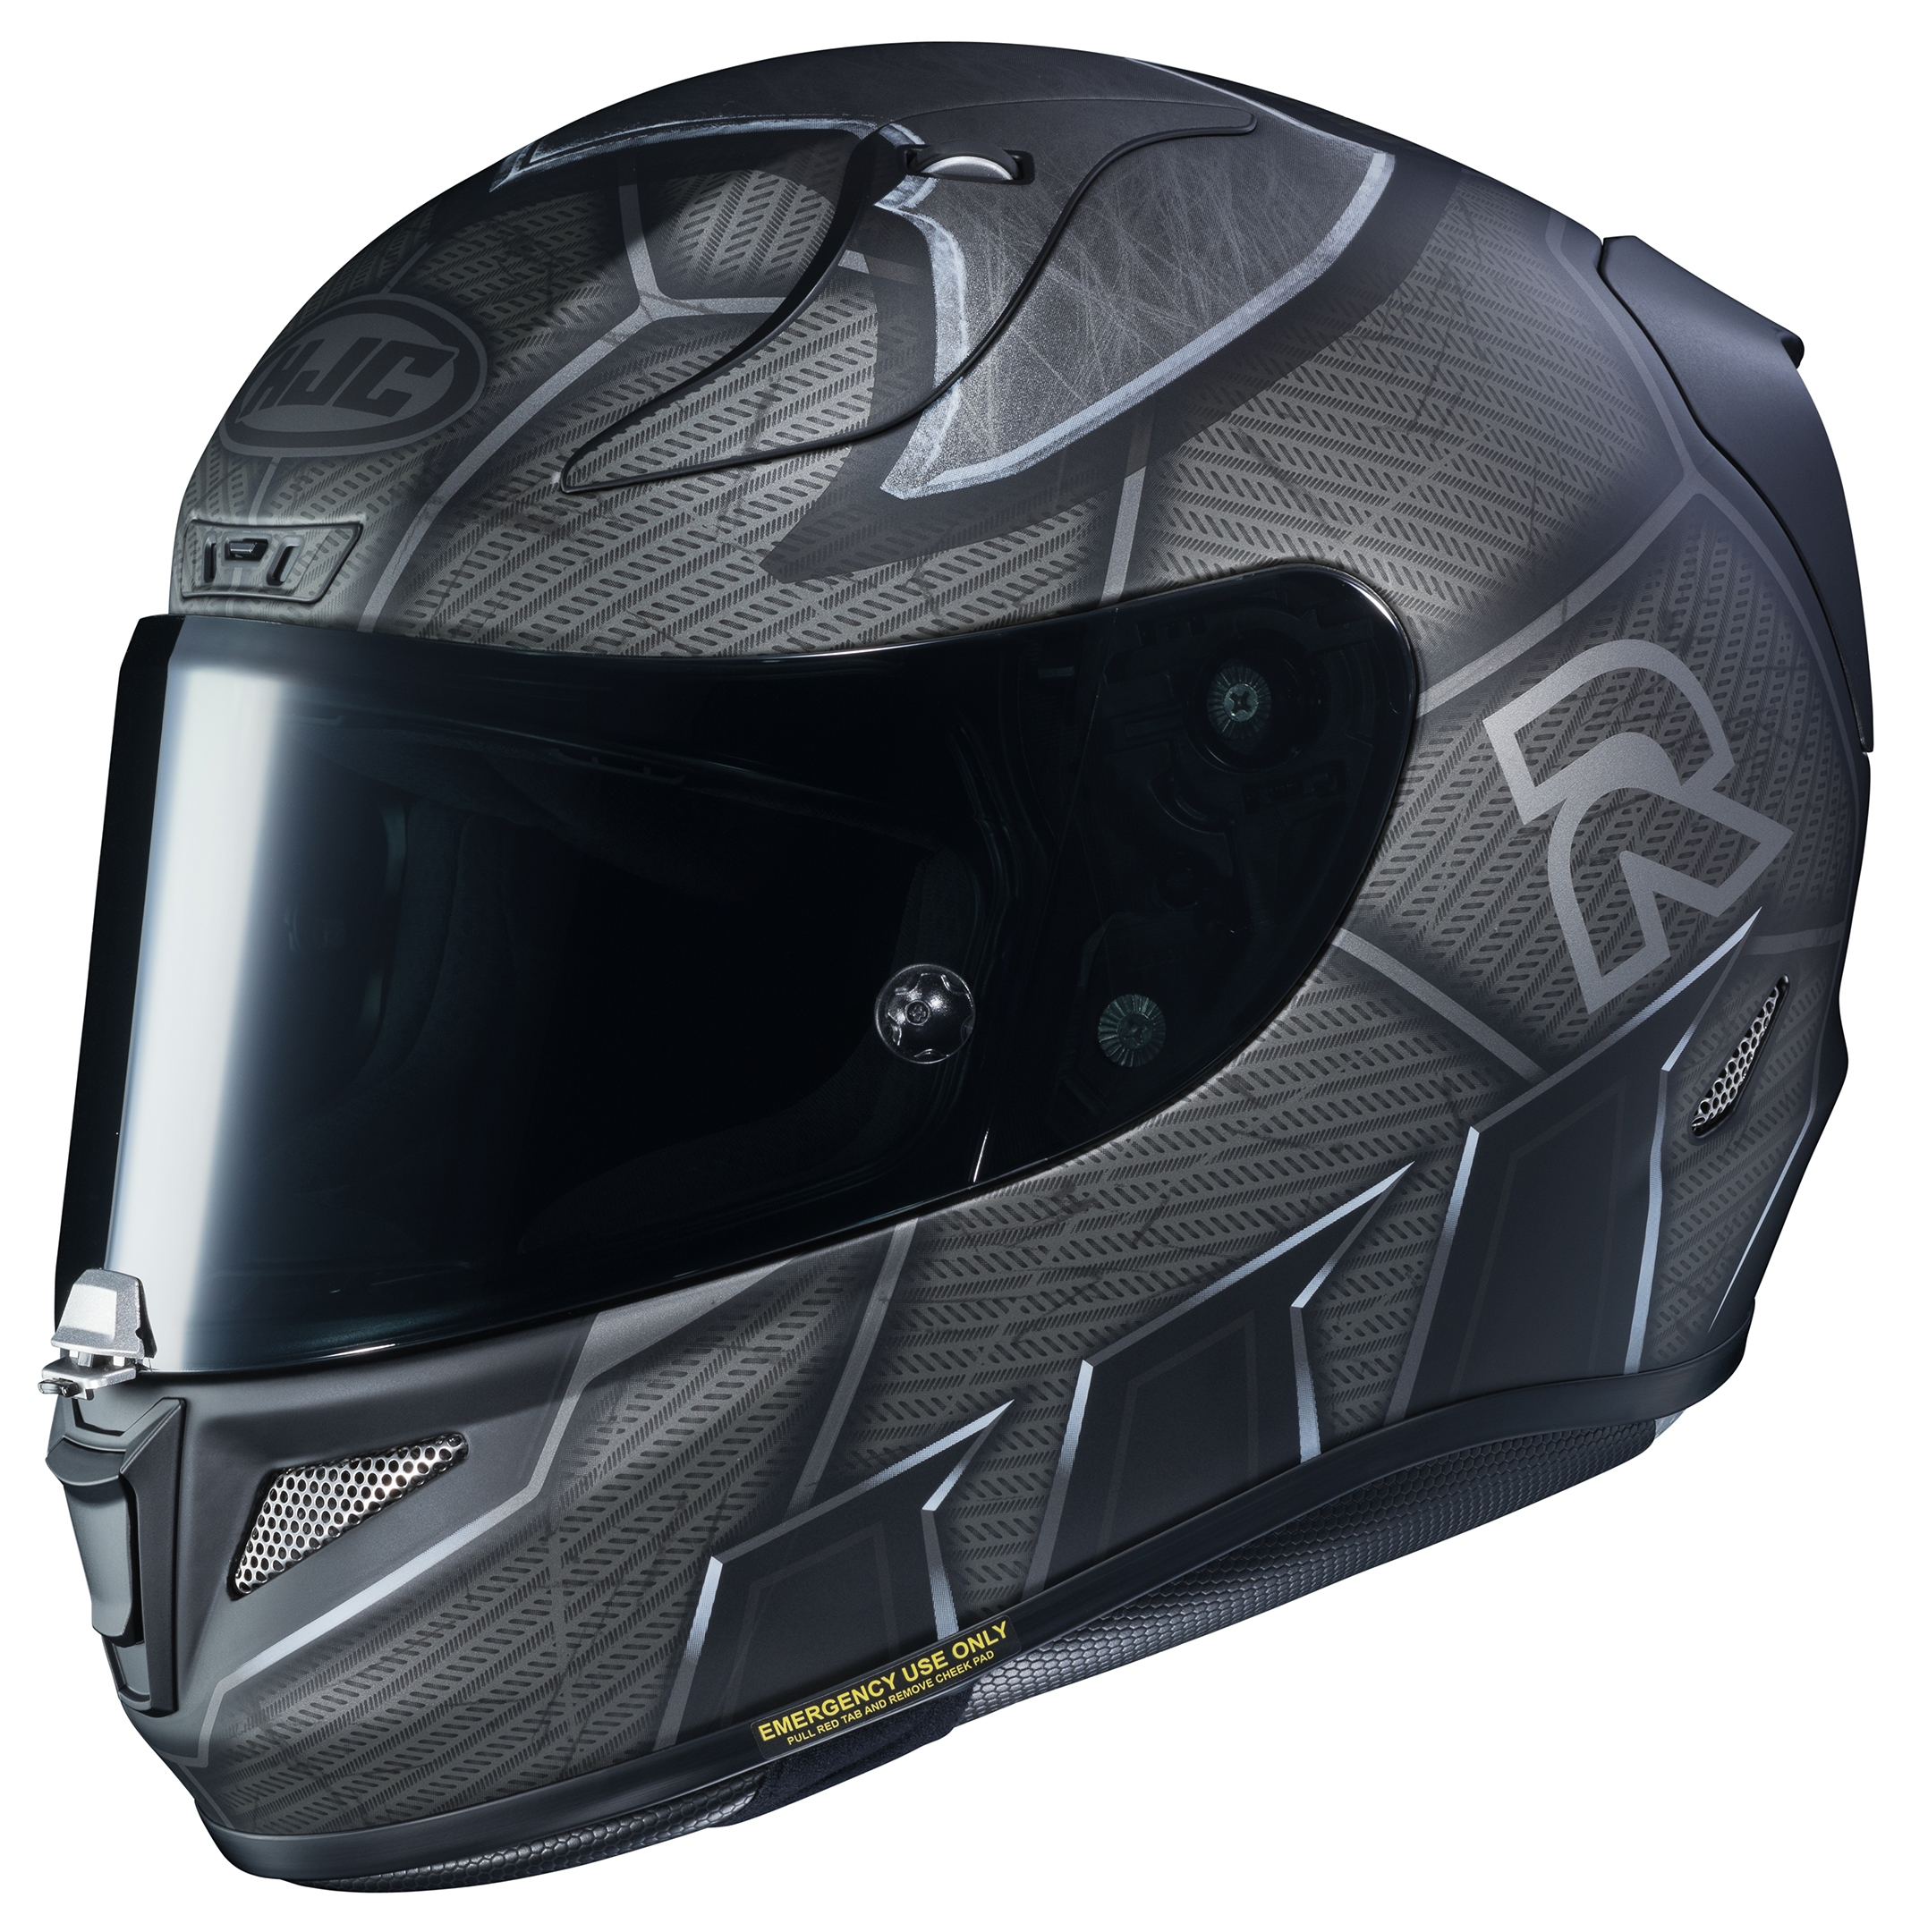 hjc rpha 11 pro batman helmet 10 off revzilla. Black Bedroom Furniture Sets. Home Design Ideas